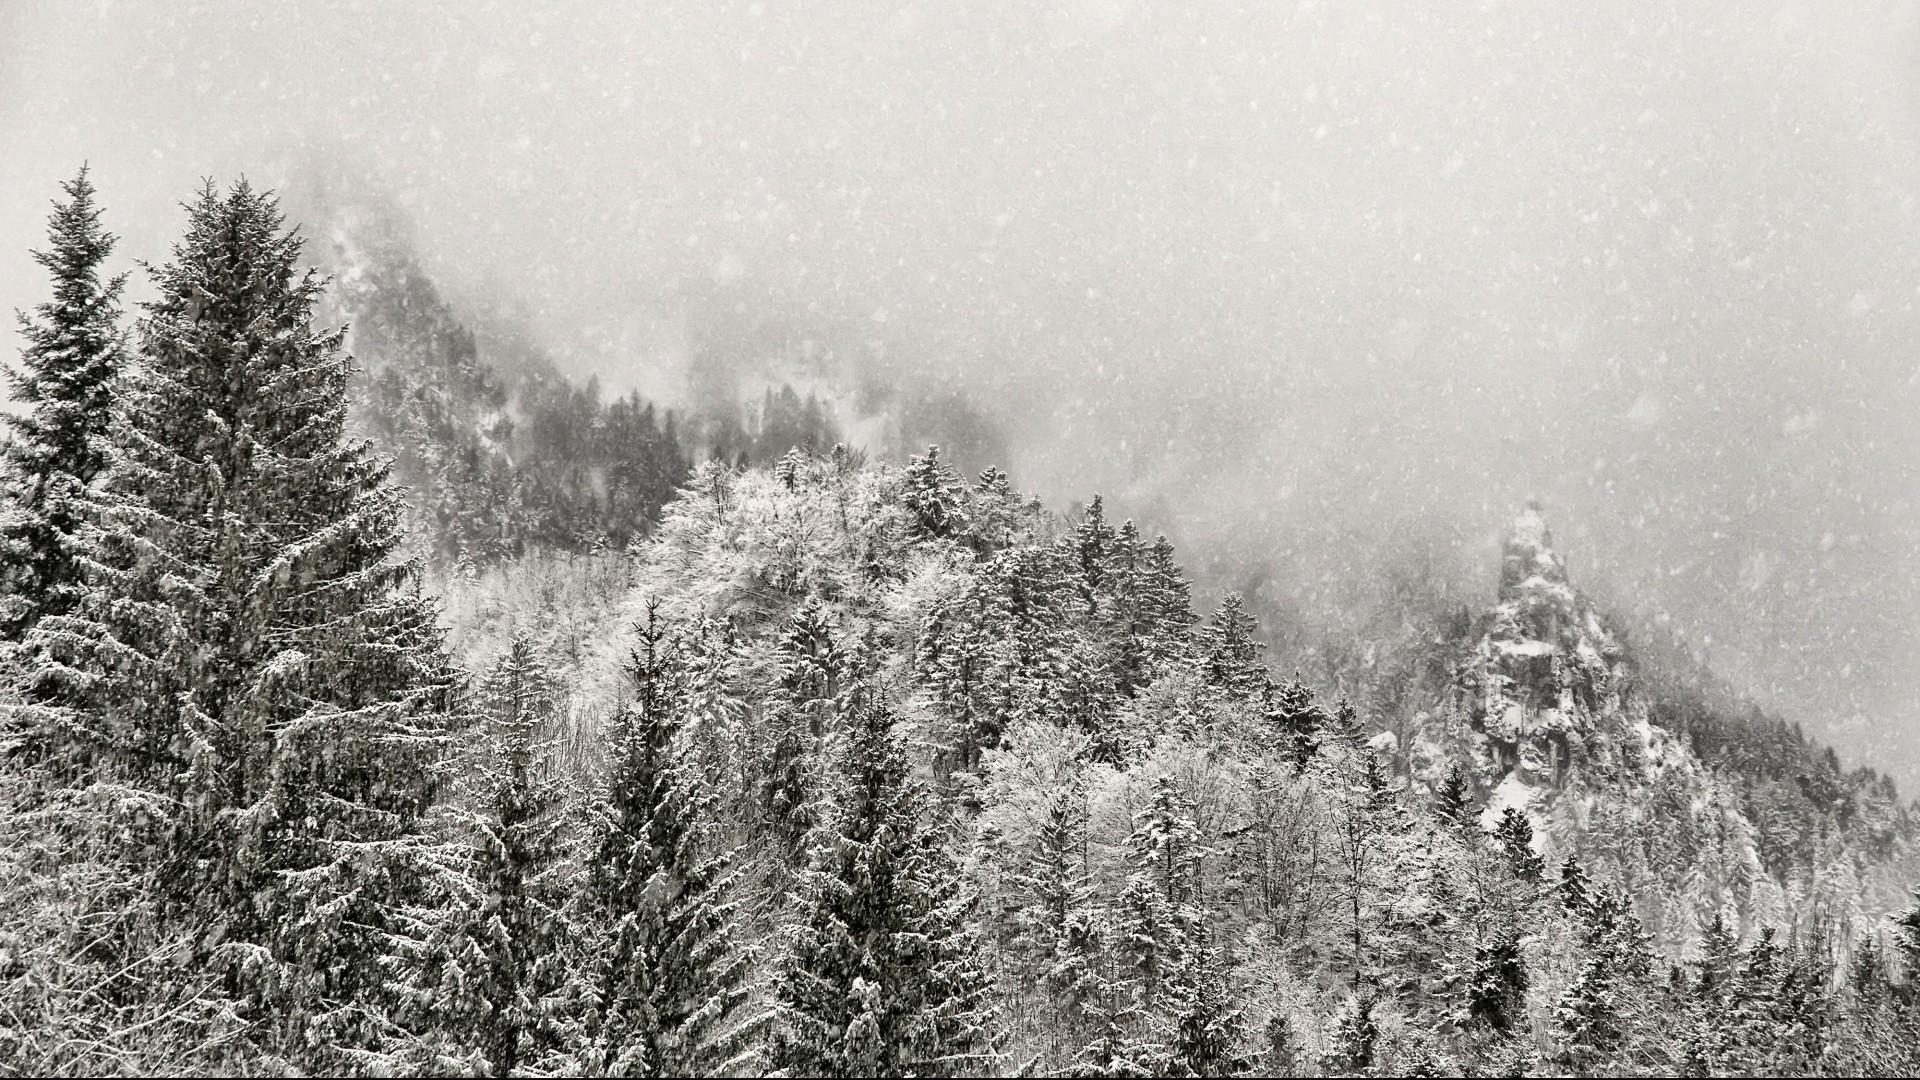 Winter snow mountains fog forest wallpaper     34157   WallpaperUP